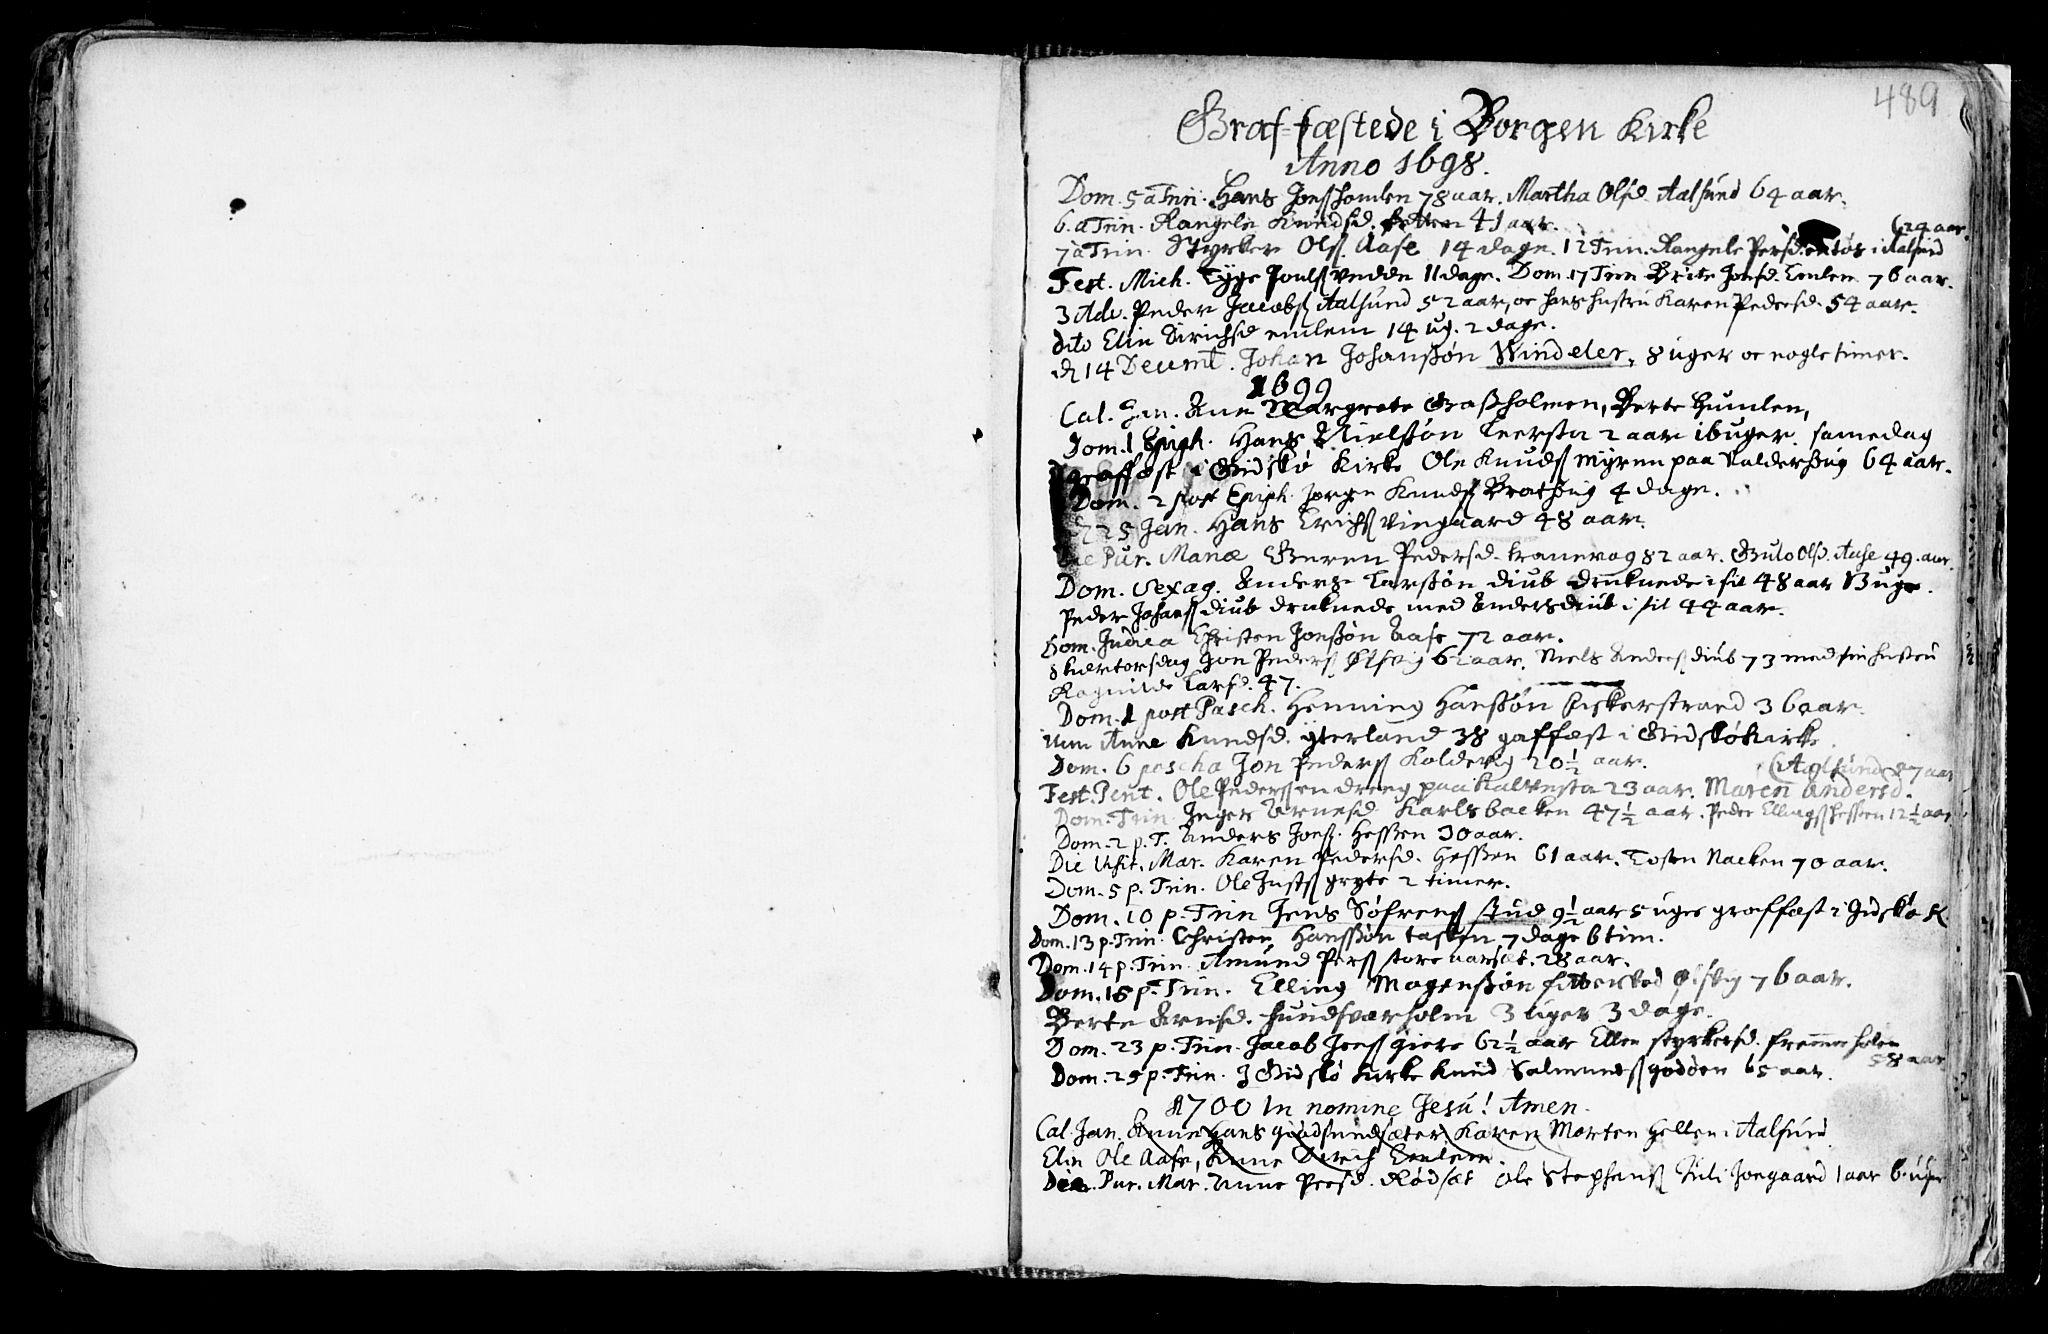 SAT, Ministerialprotokoller, klokkerbøker og fødselsregistre - Møre og Romsdal, 528/L0390: Ministerialbok nr. 528A01, 1698-1739, s. 488-489